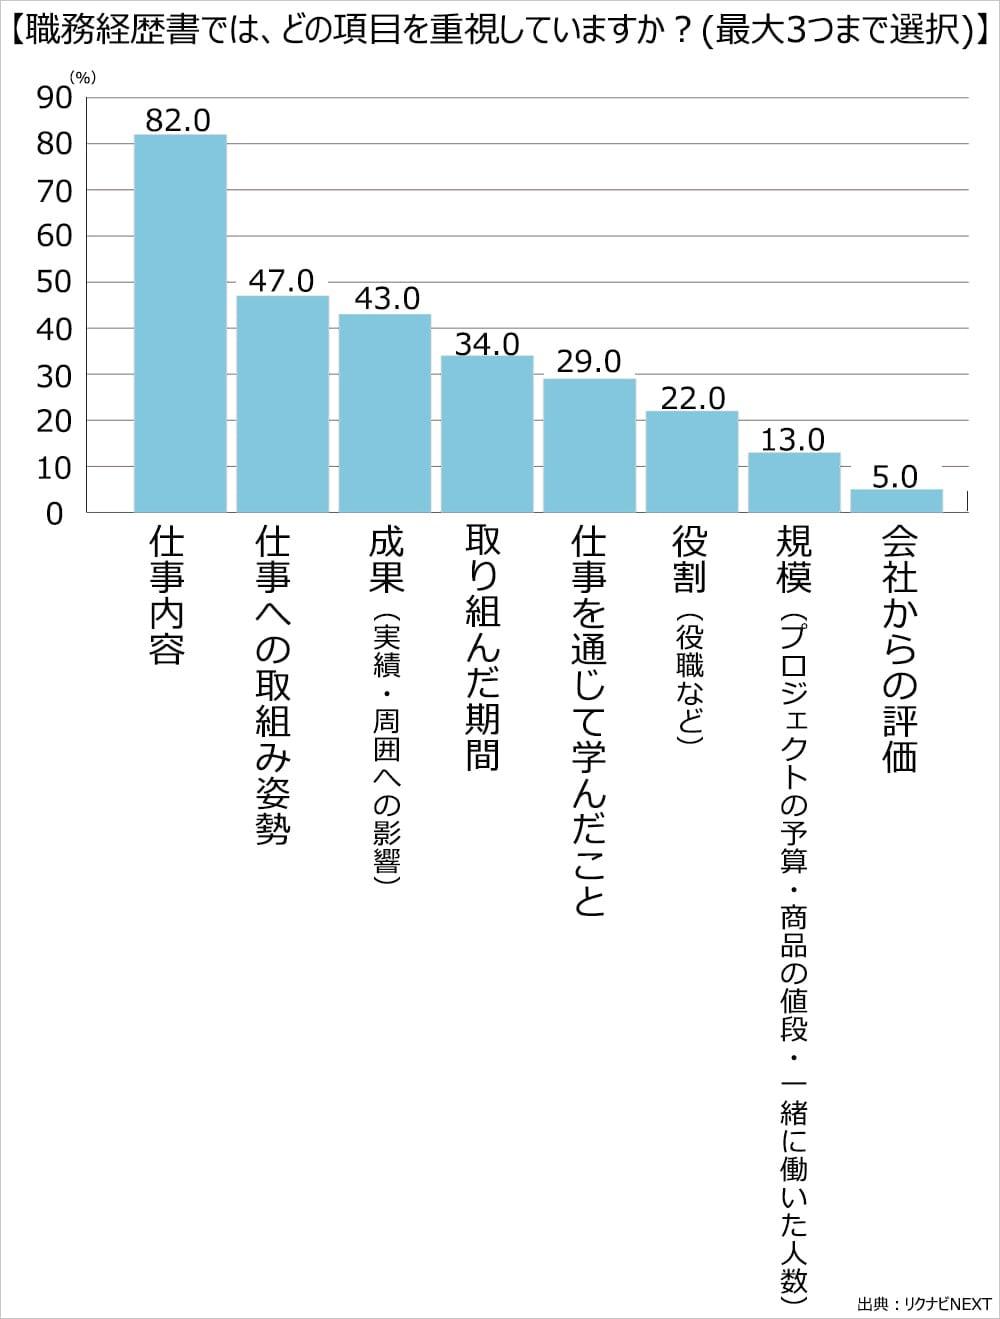 職務経歴書では、どの項目を重視していますか?(最大3つまで選択)仕事内容82.0%。仕事への取り組み姿勢47.0%。成果(実績・周囲への影響)43.0%。取り組んだ期間34.0%。仕事を通じて学んだこと29.0%。役割(役職など)22.0%。規模(プロジェクトの予算・商品の値段・一緒に働いた人数)13.0%。会社からの評価5.0%。